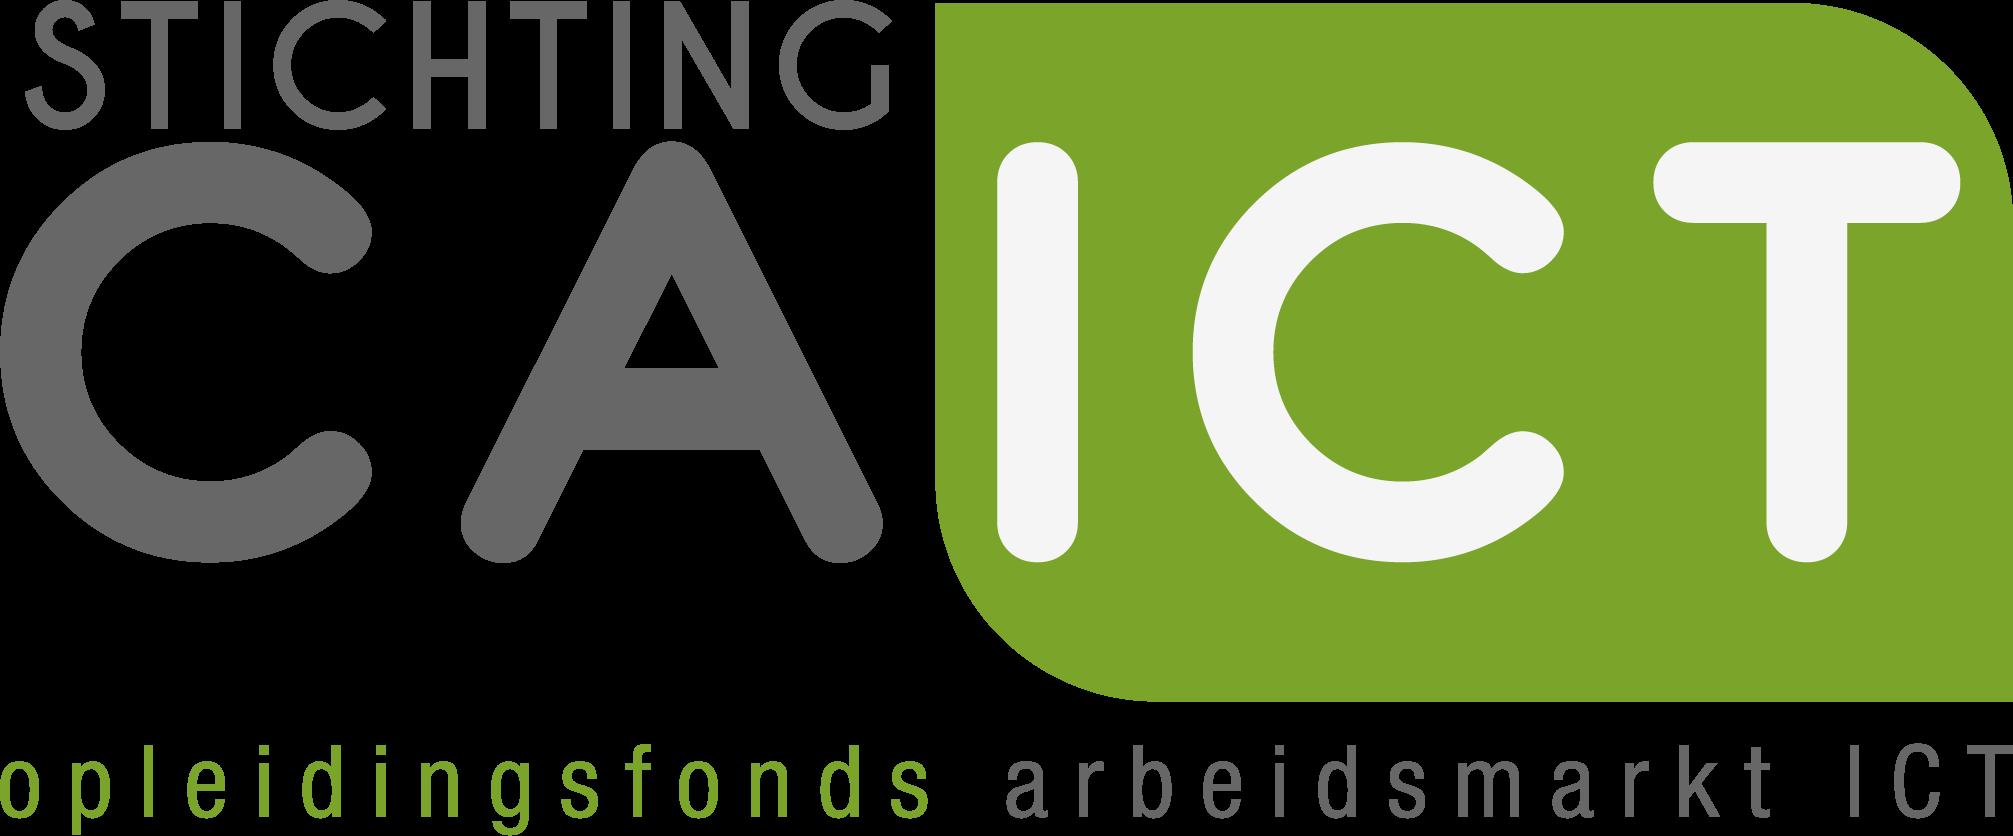 Logo CA ICT Stichting CA ICT in hoofdletter ICT in groen vlakje met daaronder de tekst opleidingsfonds arbeidsmarkt ICT